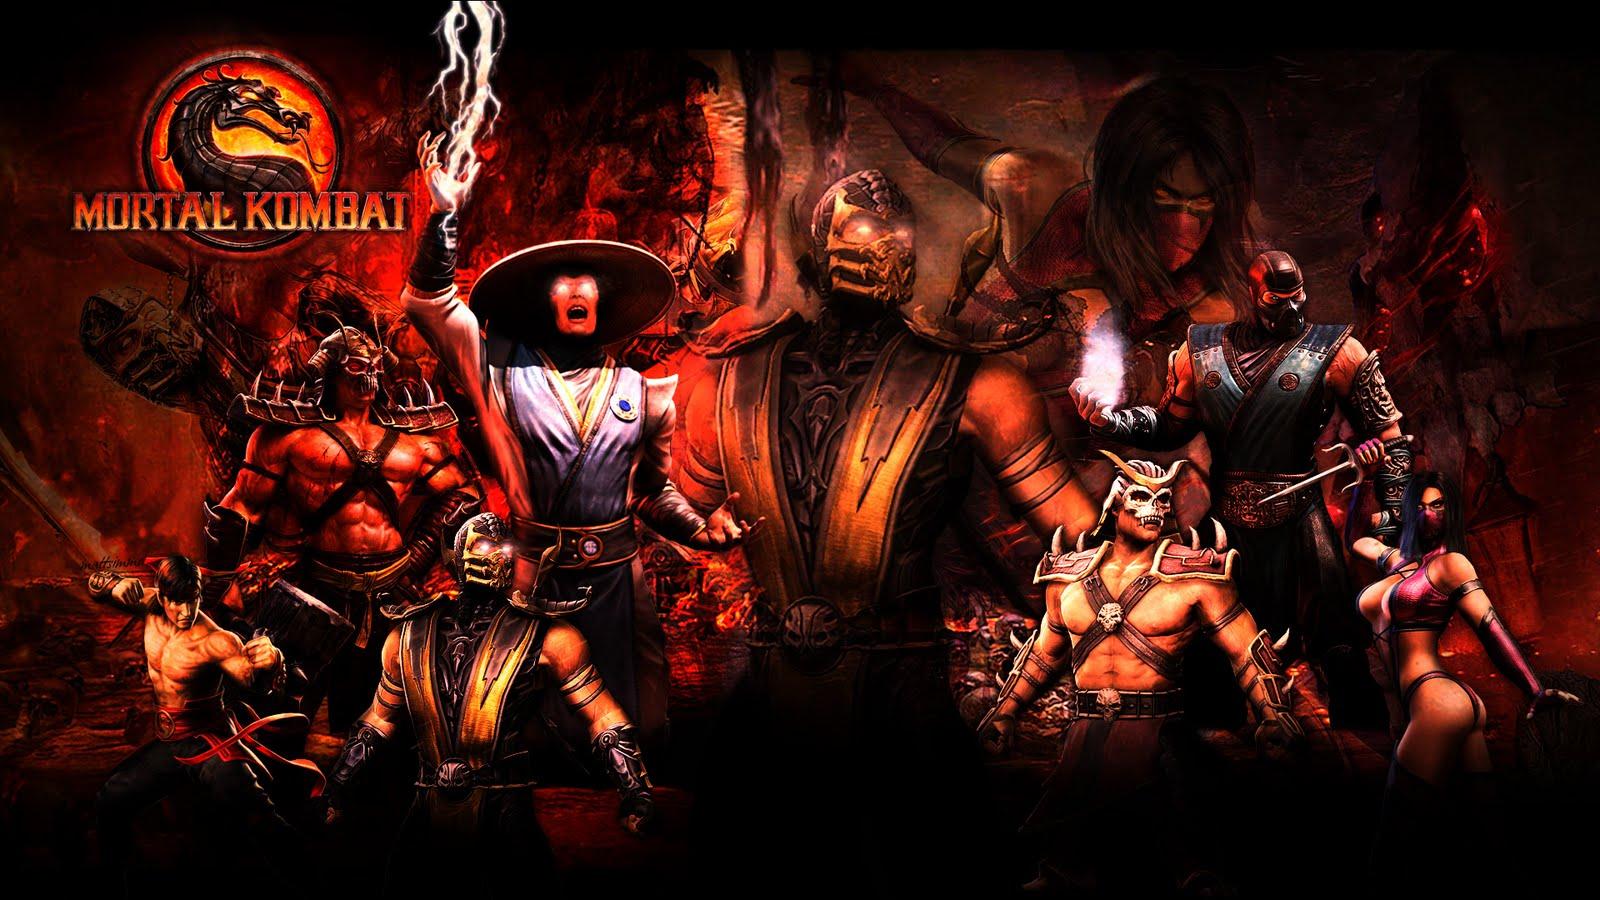 http://3.bp.blogspot.com/-_71UB7EmAD8/T35s1q46d4I/AAAAAAAAA7M/OHungKFM9l0/s1600/13027121791080p-Mortal-kombat-wallpaper-hd-5.jpg